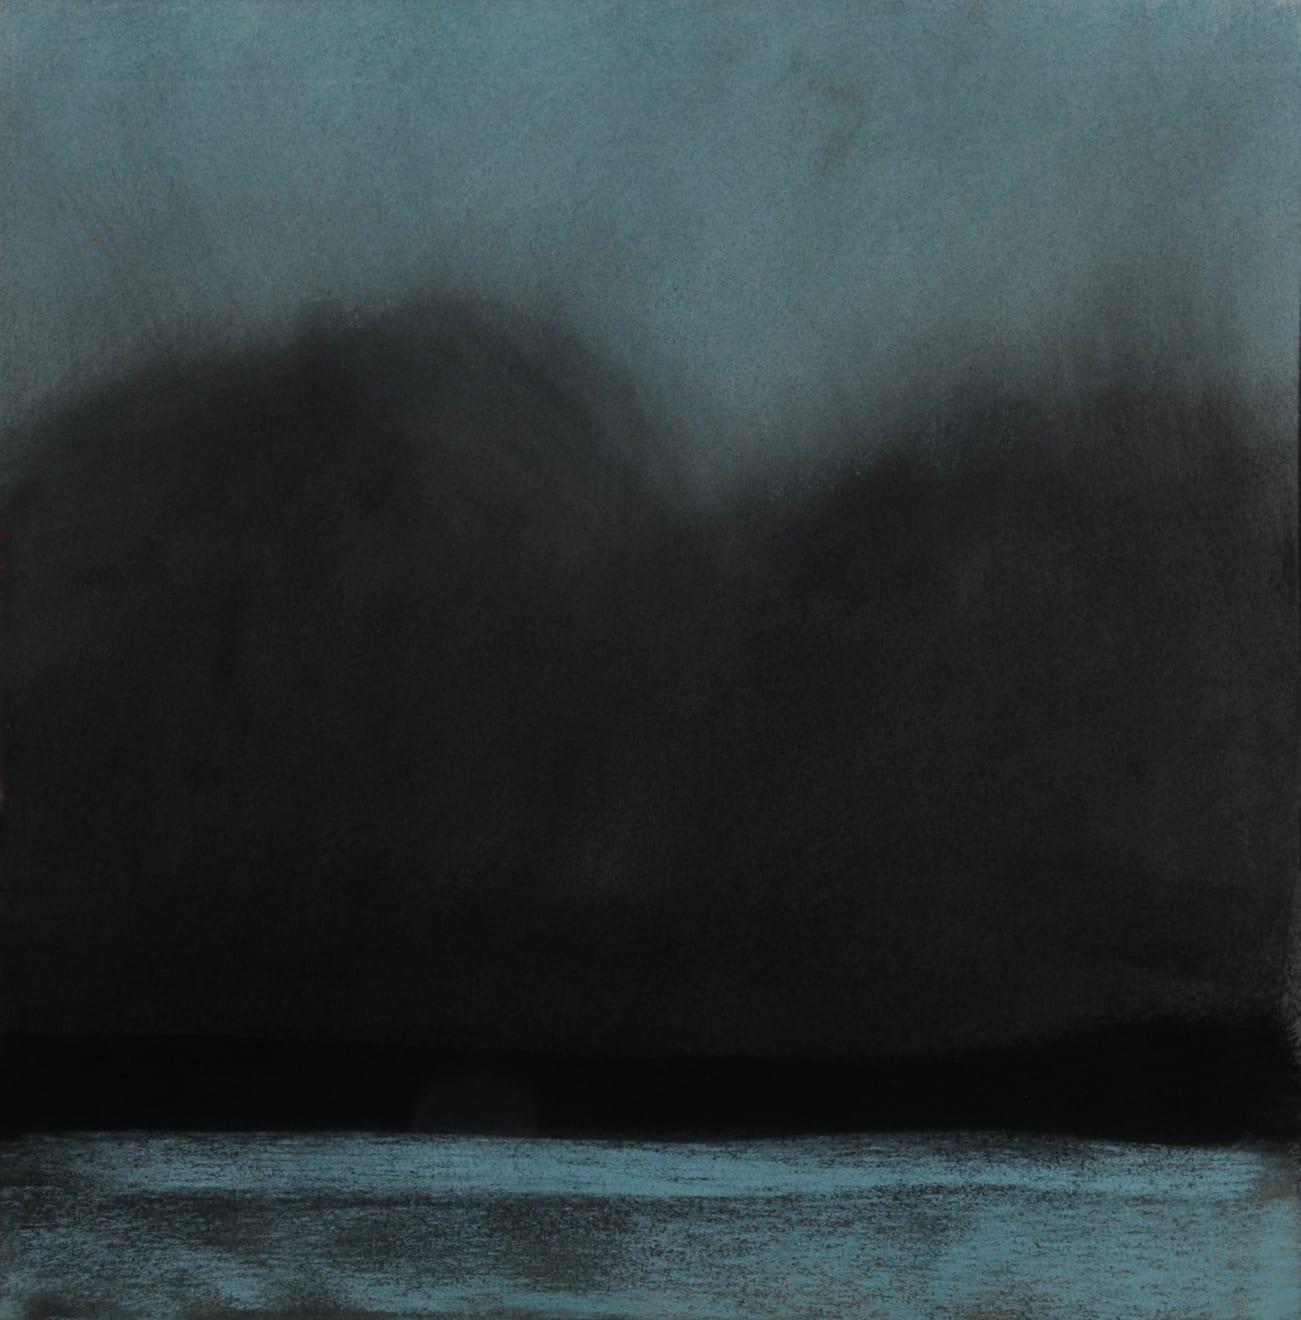 Nigel Swift, Darkness Lifts, 2019